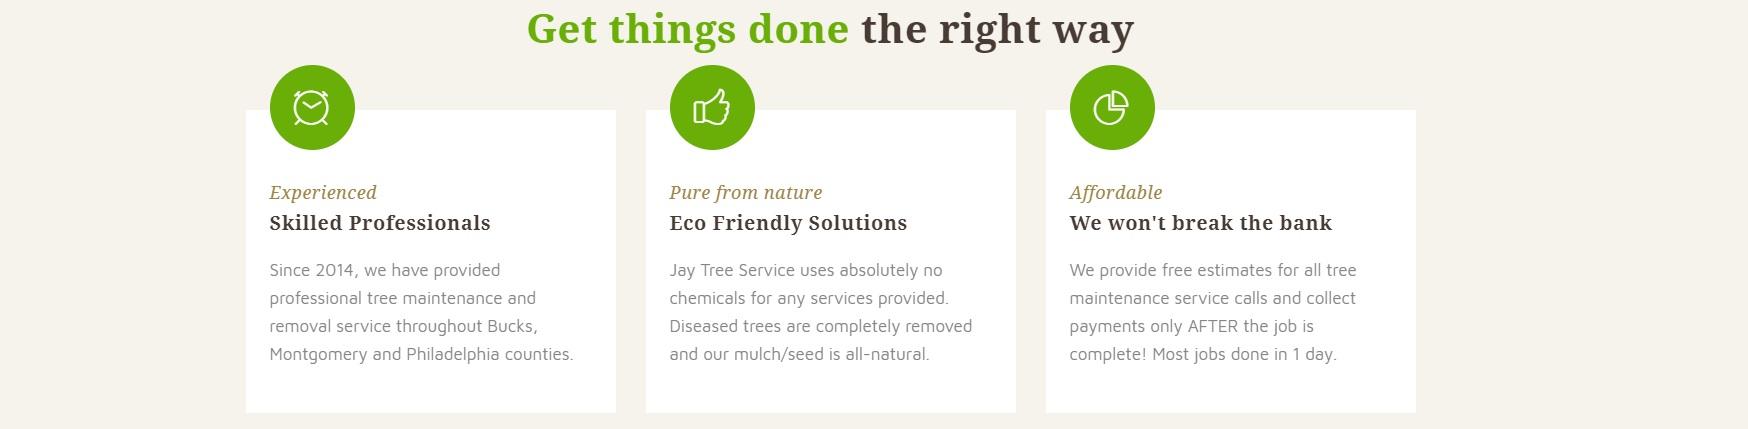 Jay Tree Service website photo